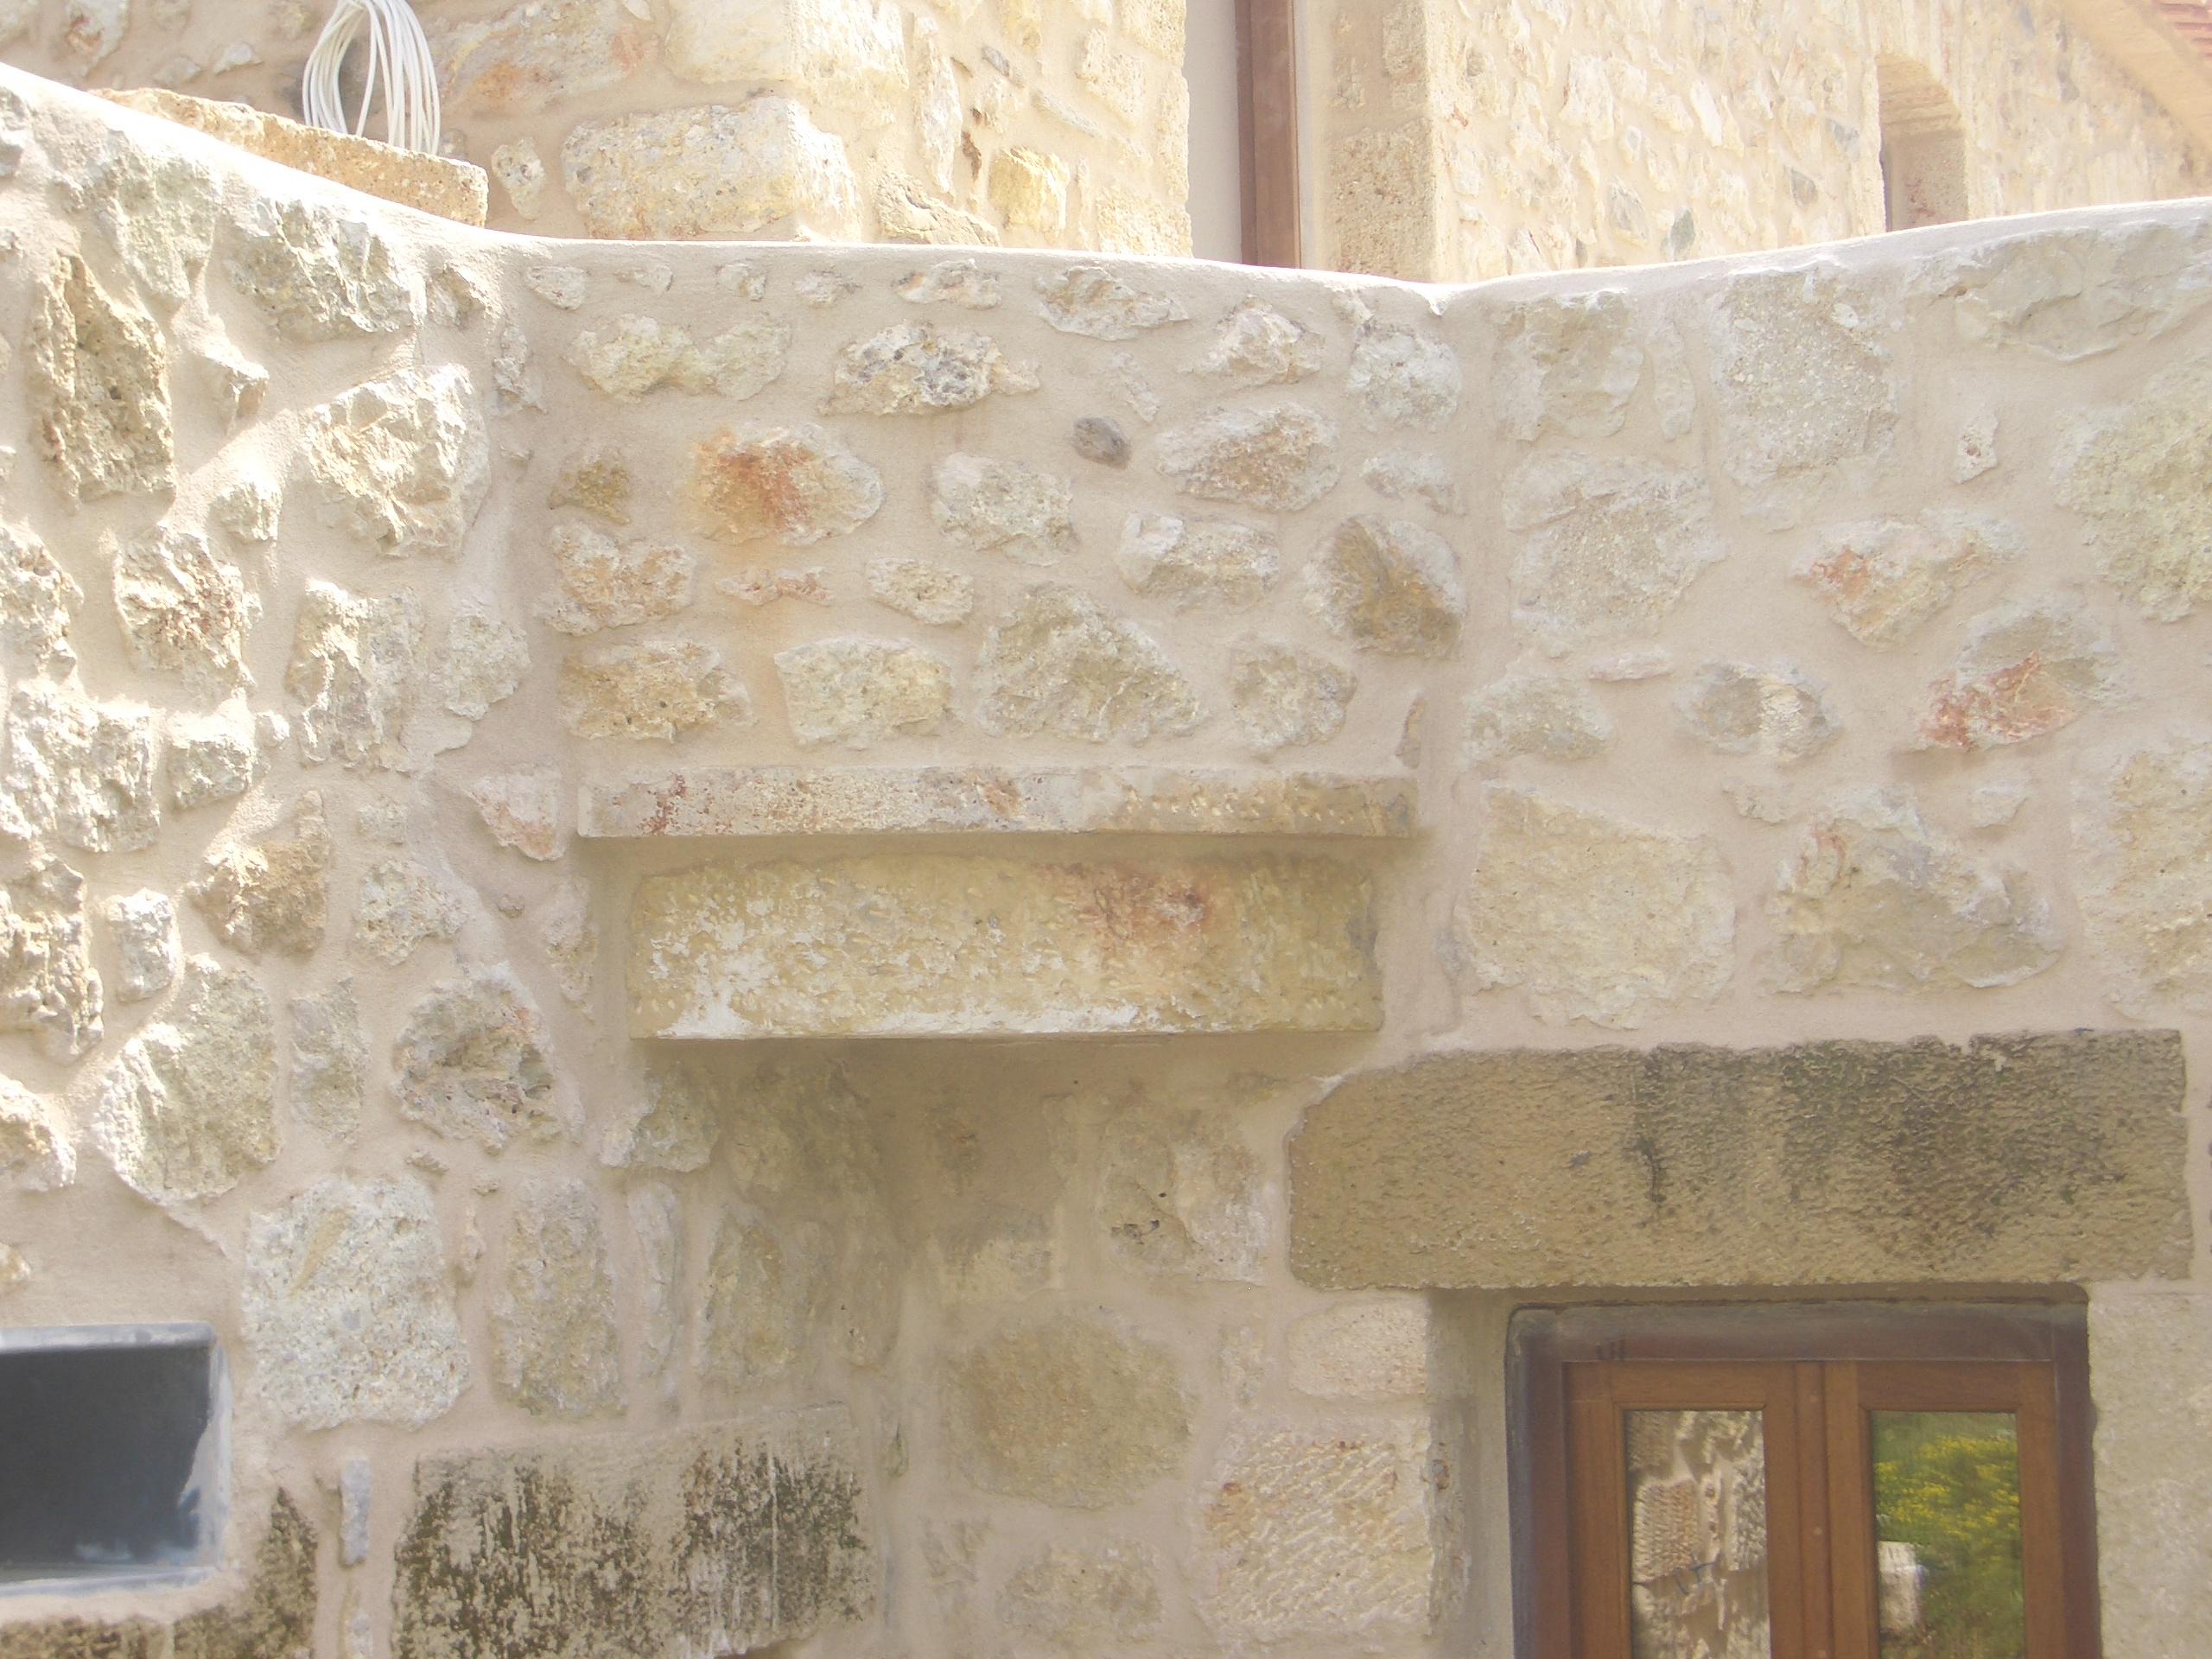 Πέτρινος εξώστης - Μάνη - Πετρίνα